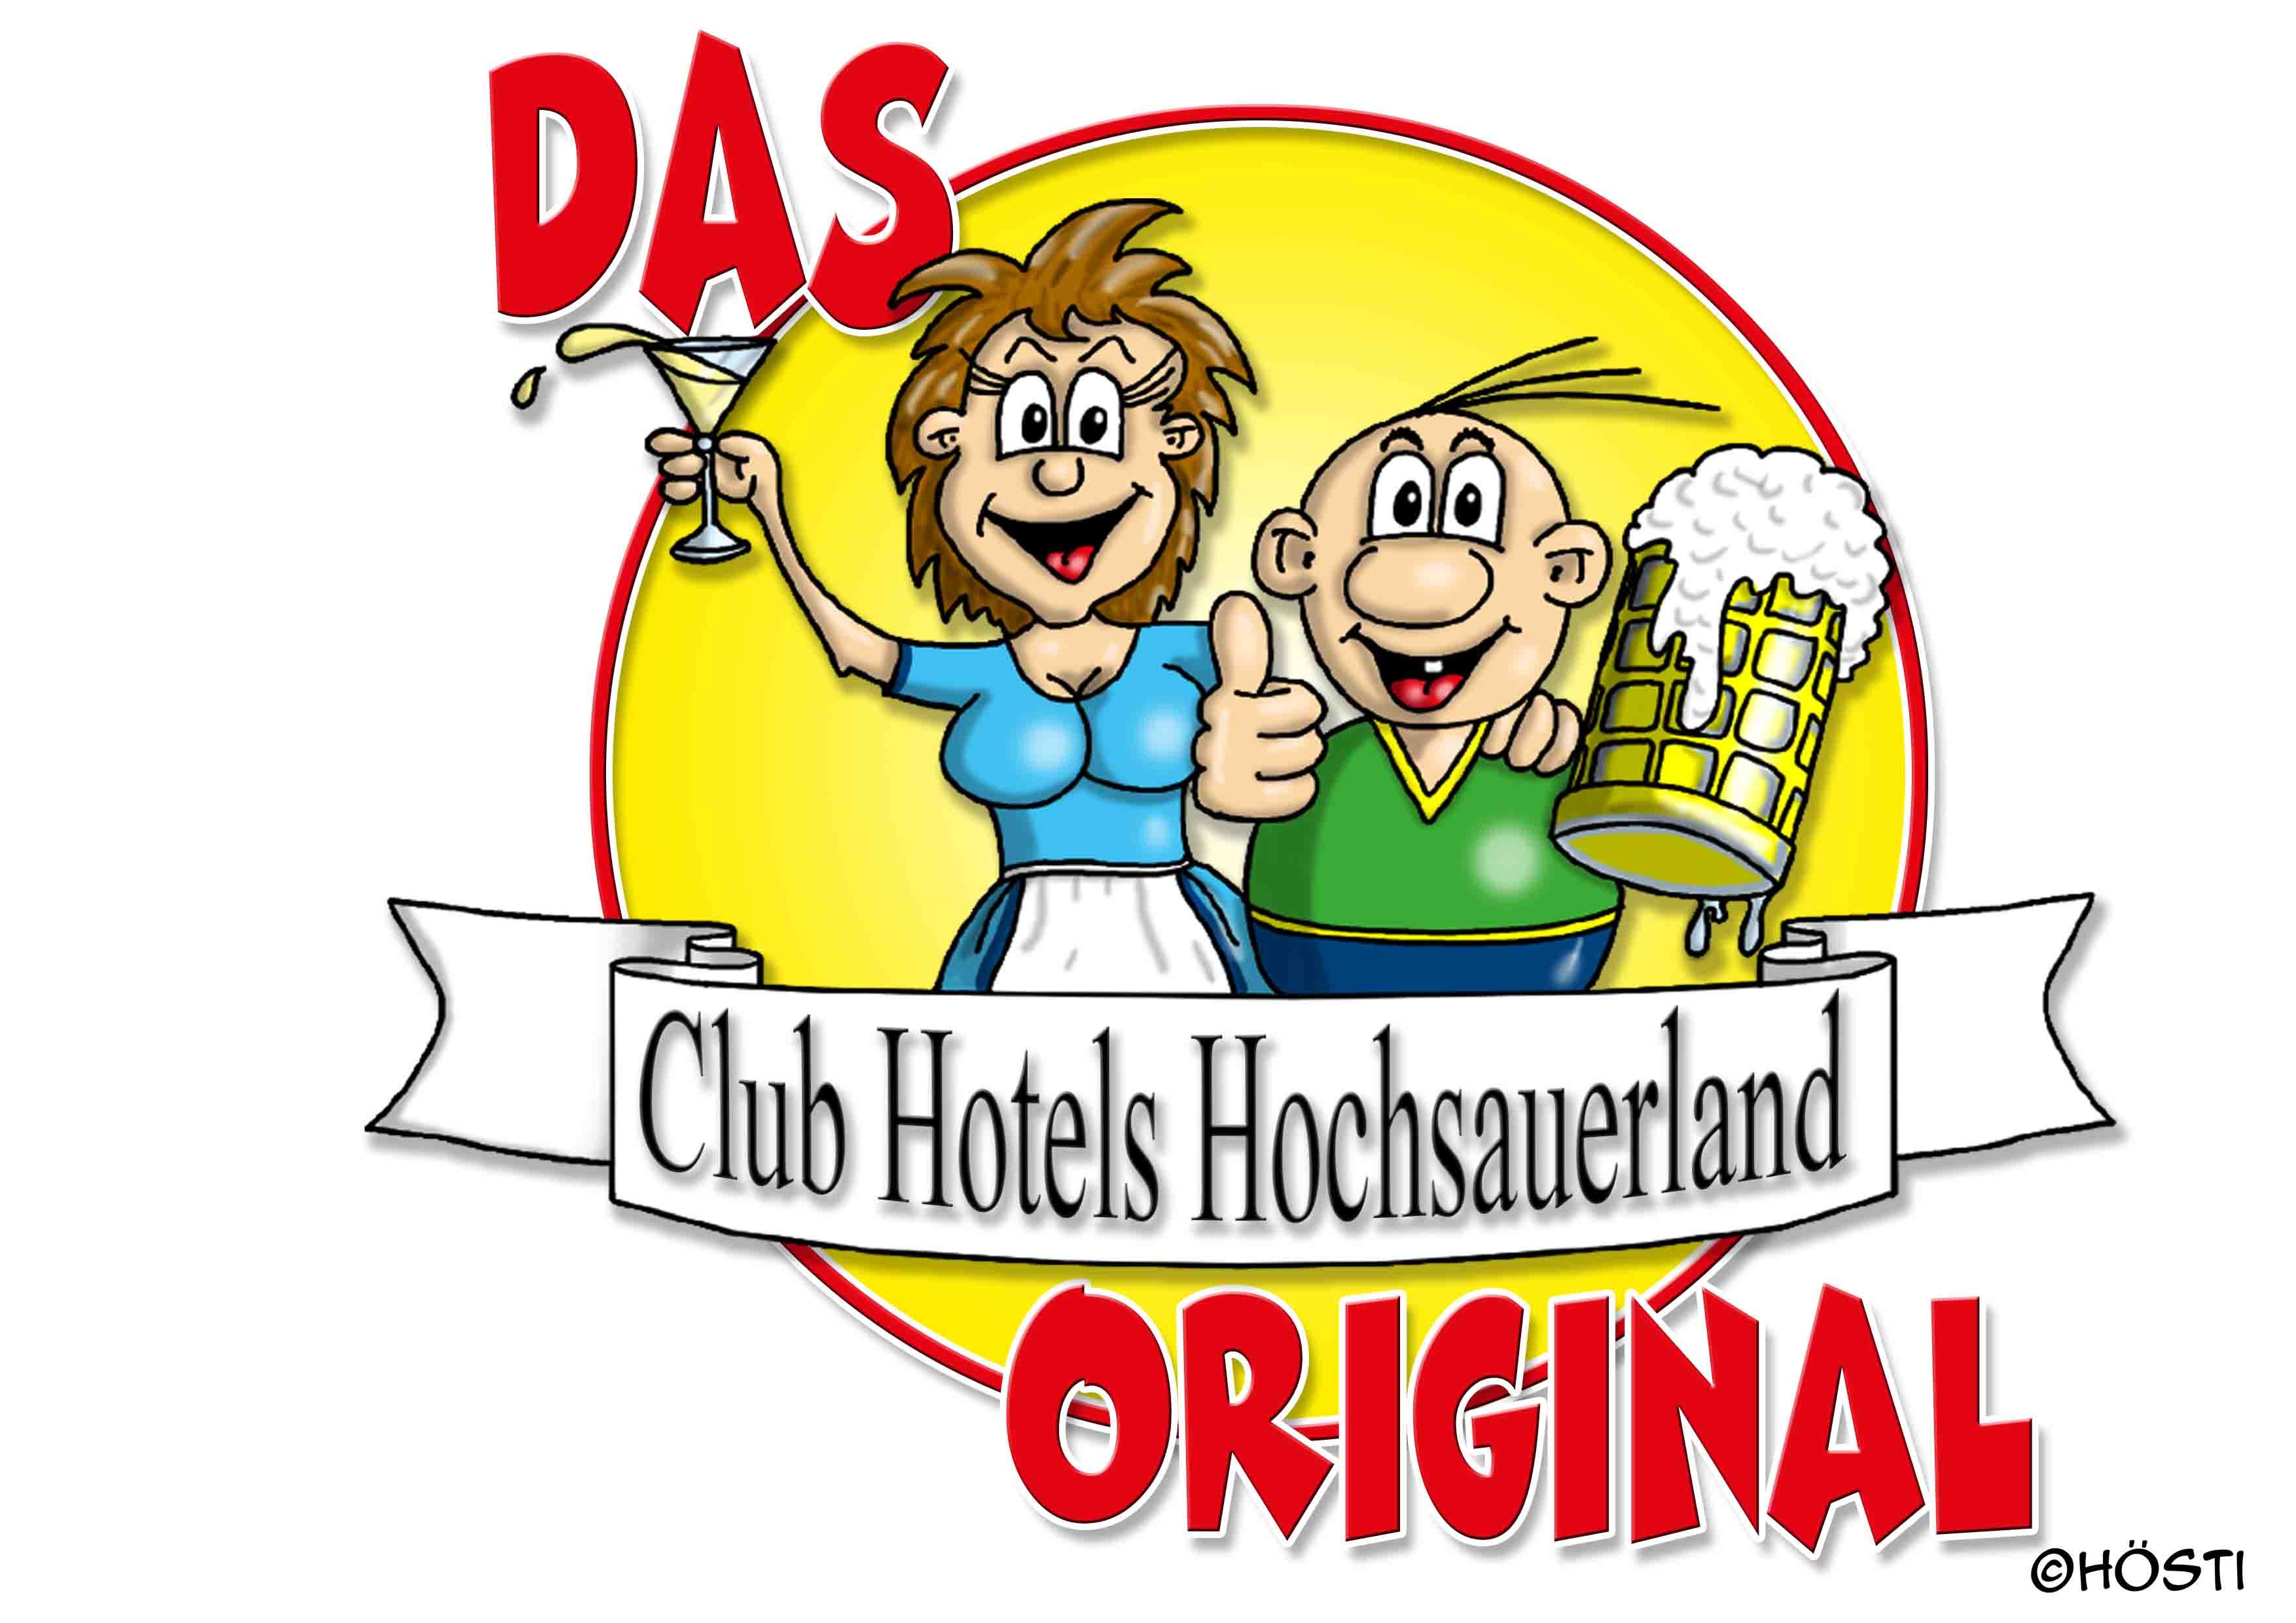 Club Hotels Hochsauerland 1 das Original offen